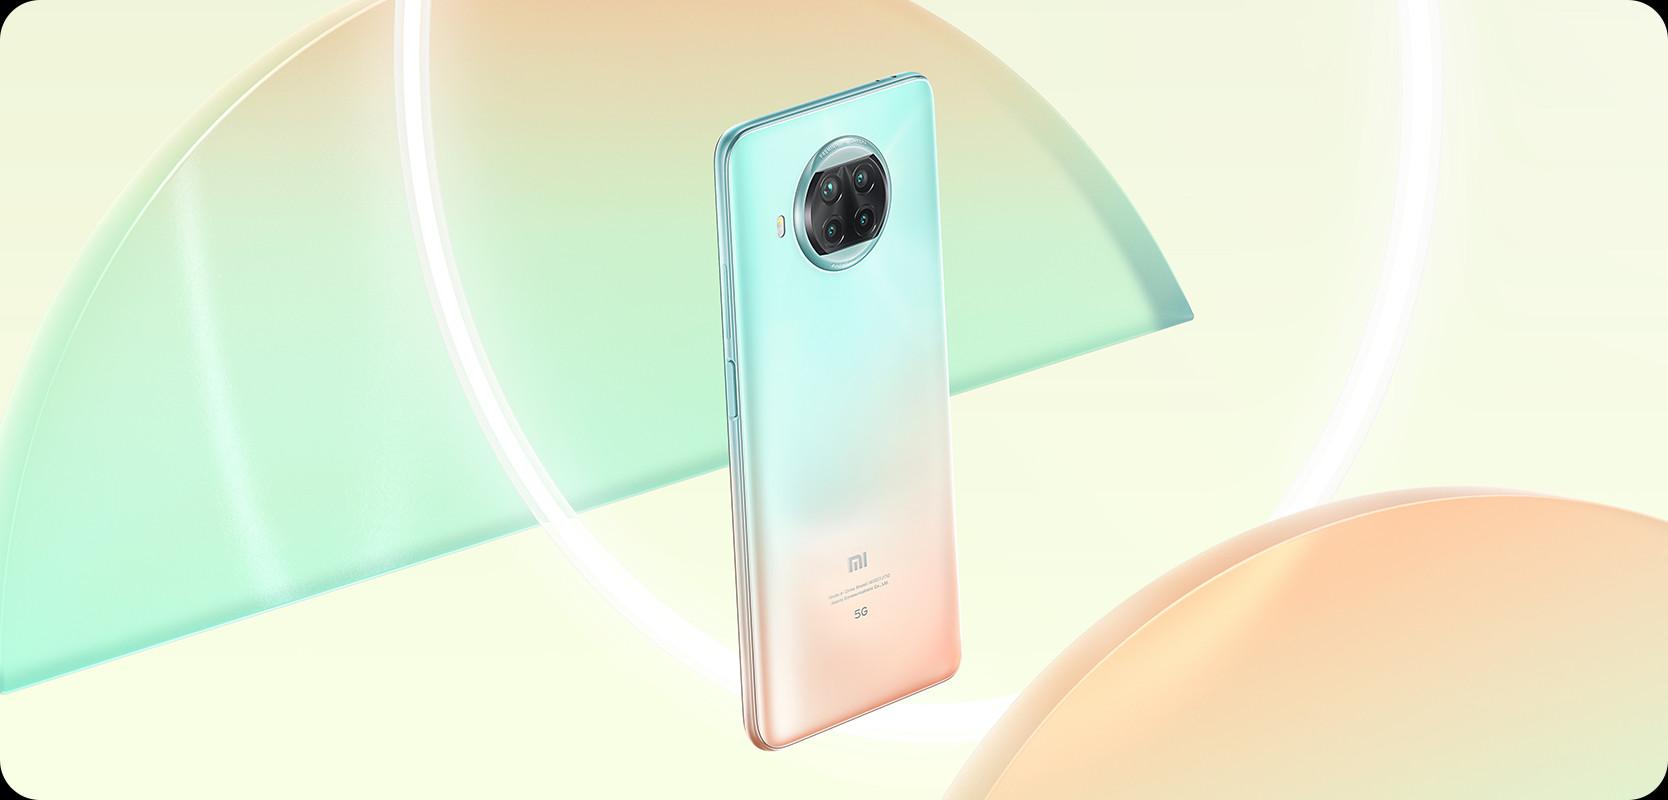 Анонс Xiaomi Mi 10i: уже знакомая десятка Xiaomi  - anons_xiaomi_mi_10i__idealnaa_desatka_s_nuansom_picture7_2